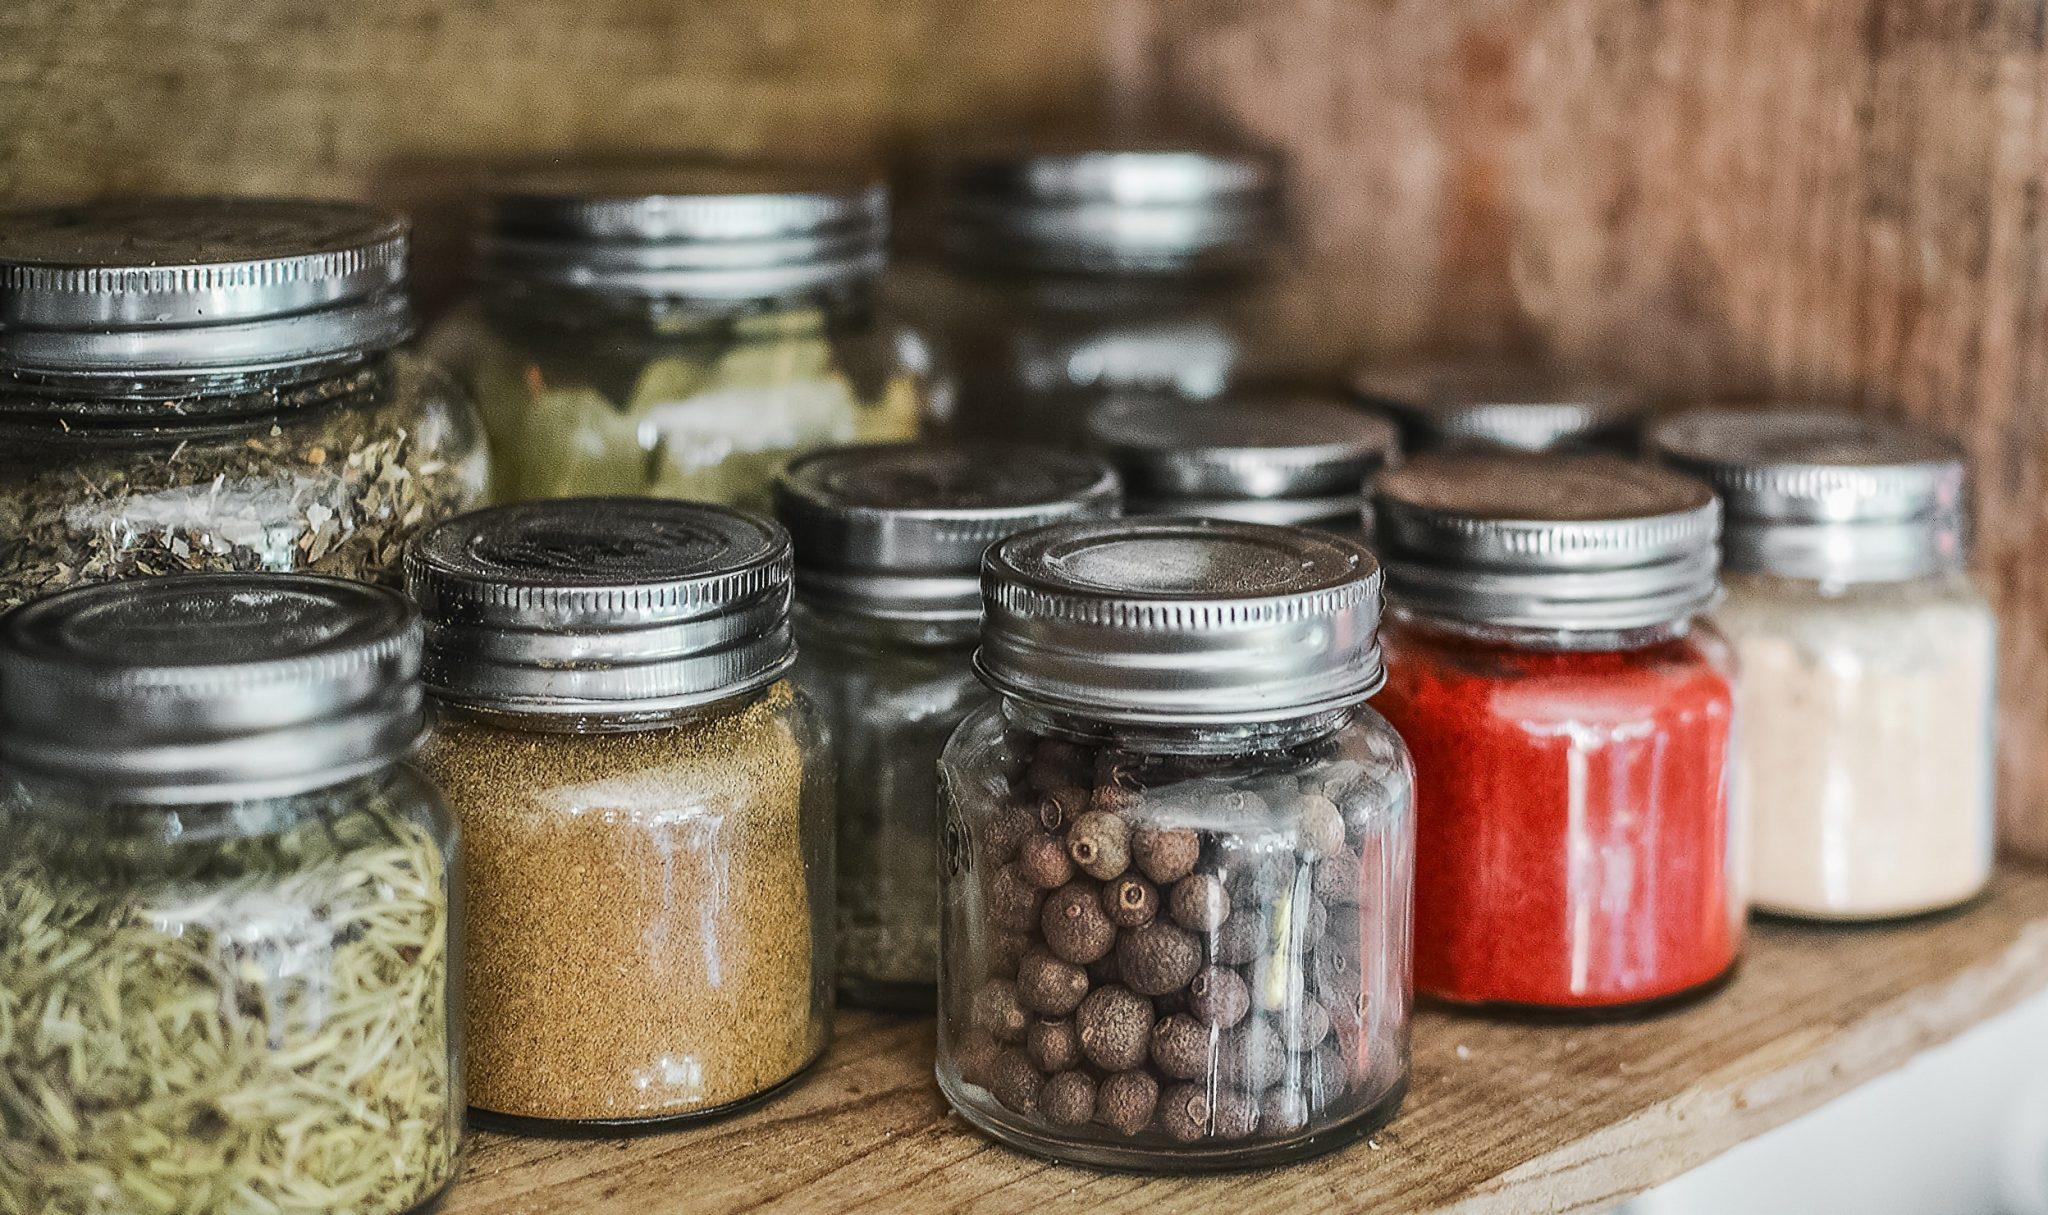 cuisine organisée : vous pouvez organiser vos épices et condiments de manière à les avoir toujours sous la main en les regroupant sur une étagère, dans un organiseur à épices, ou un tiroir spécifique par exemple.